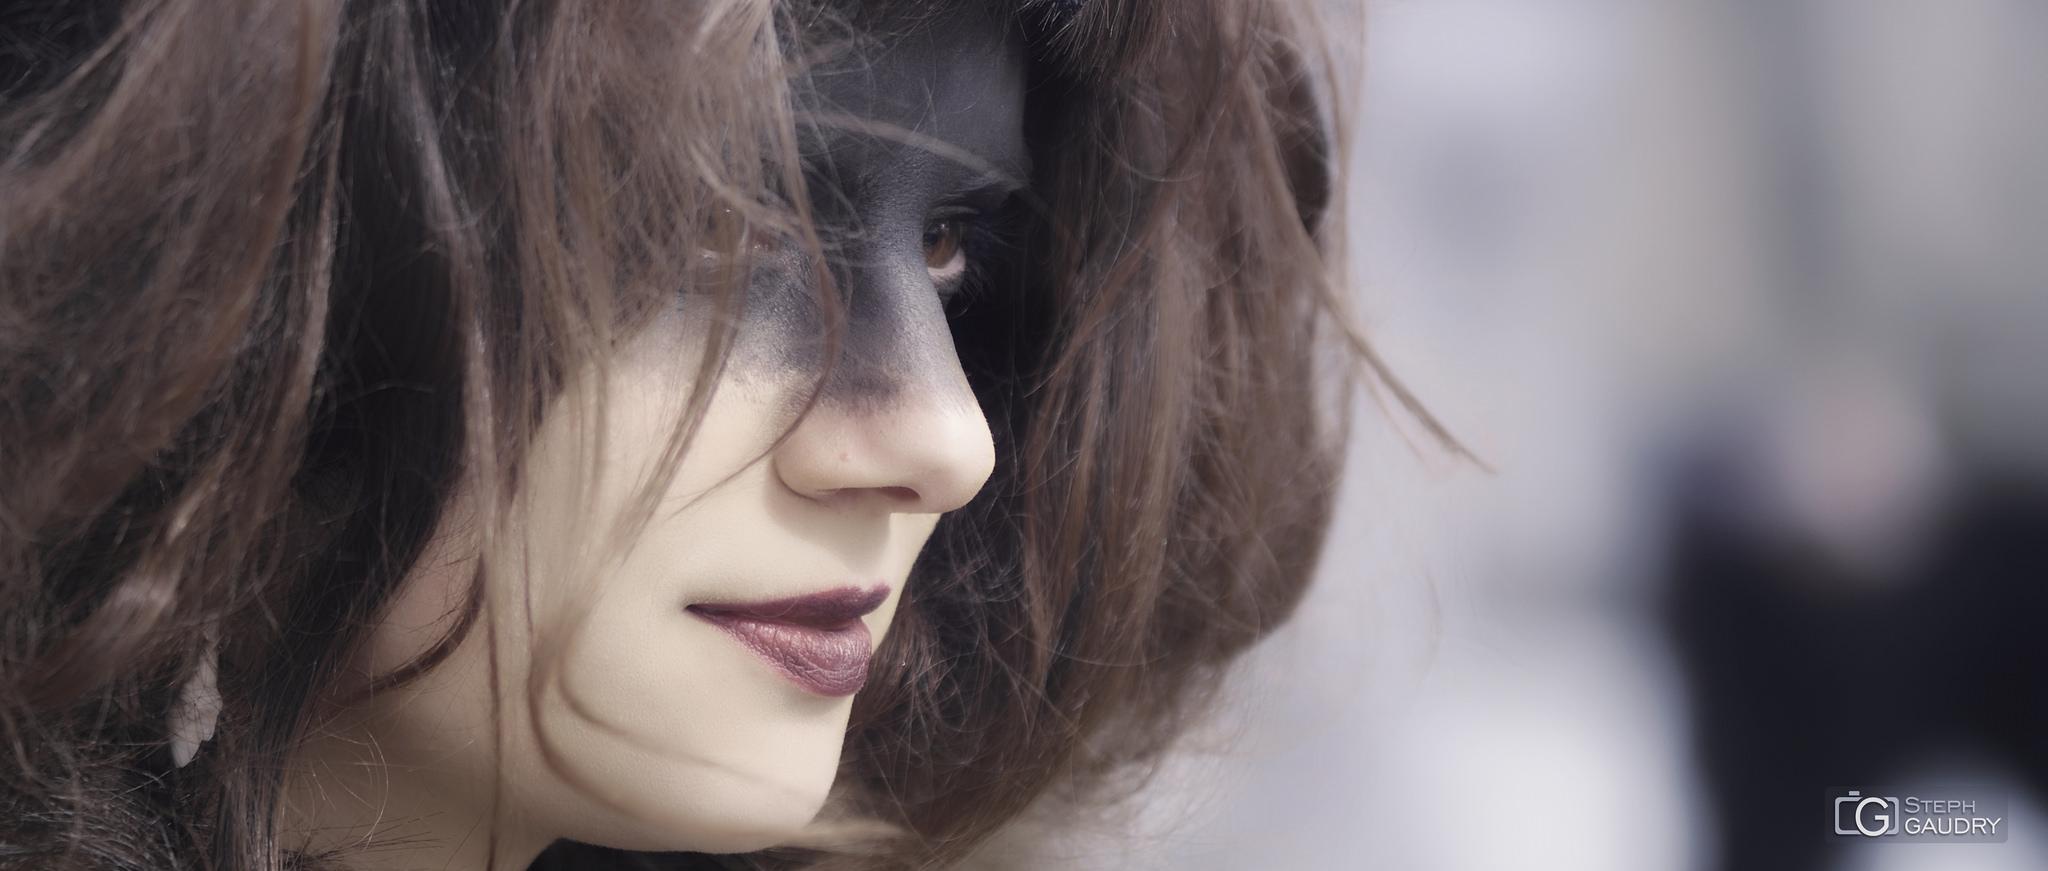 Réplicant Priscilla Stratton (Pris - Blade Runner) [Klicken Sie hier, um die Diashow zu starten]